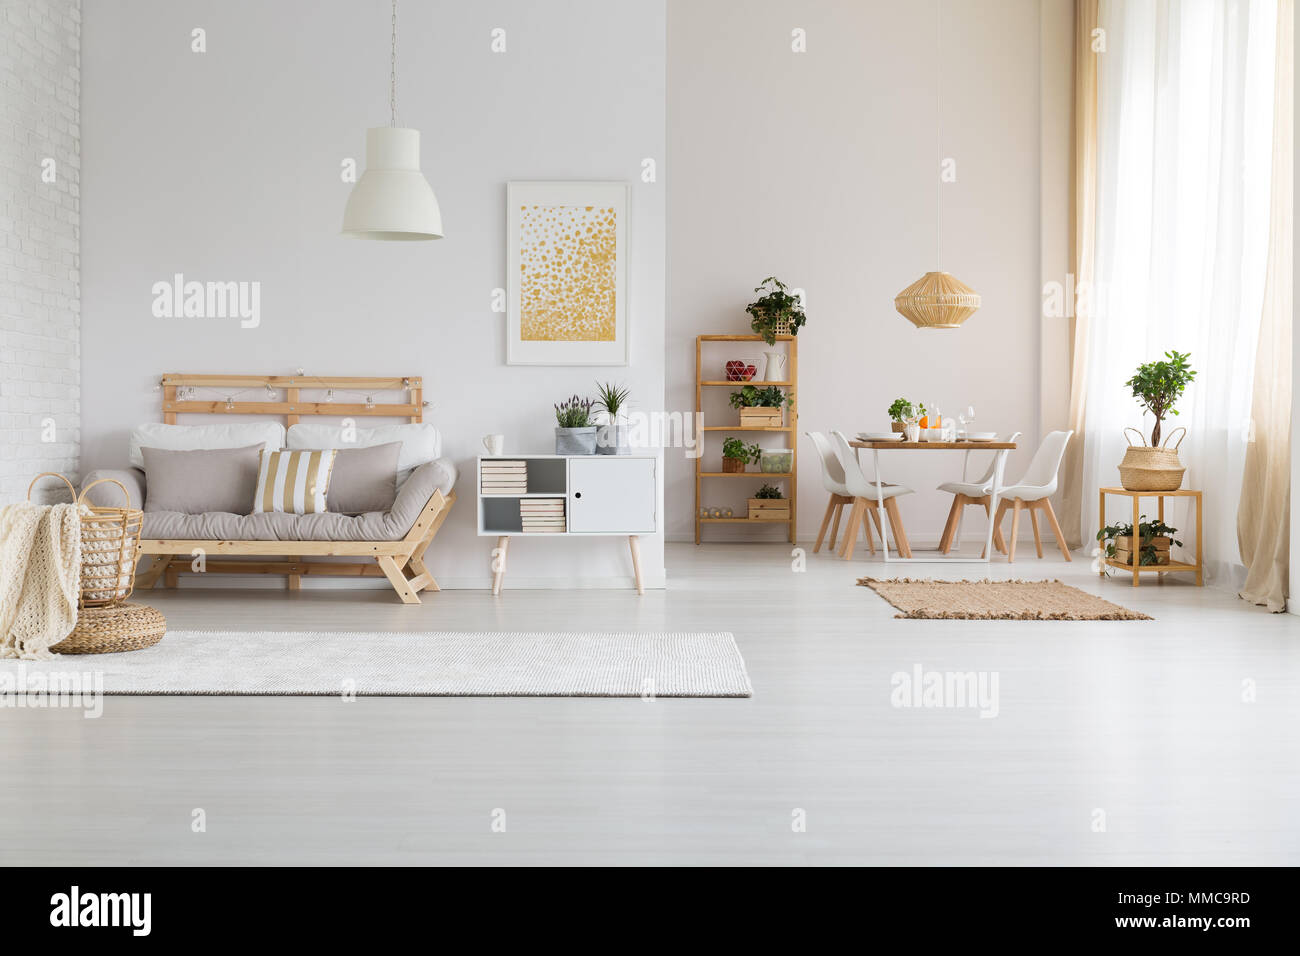 Bianco e moderno spazio aperto con arredamento in legno impostato ...